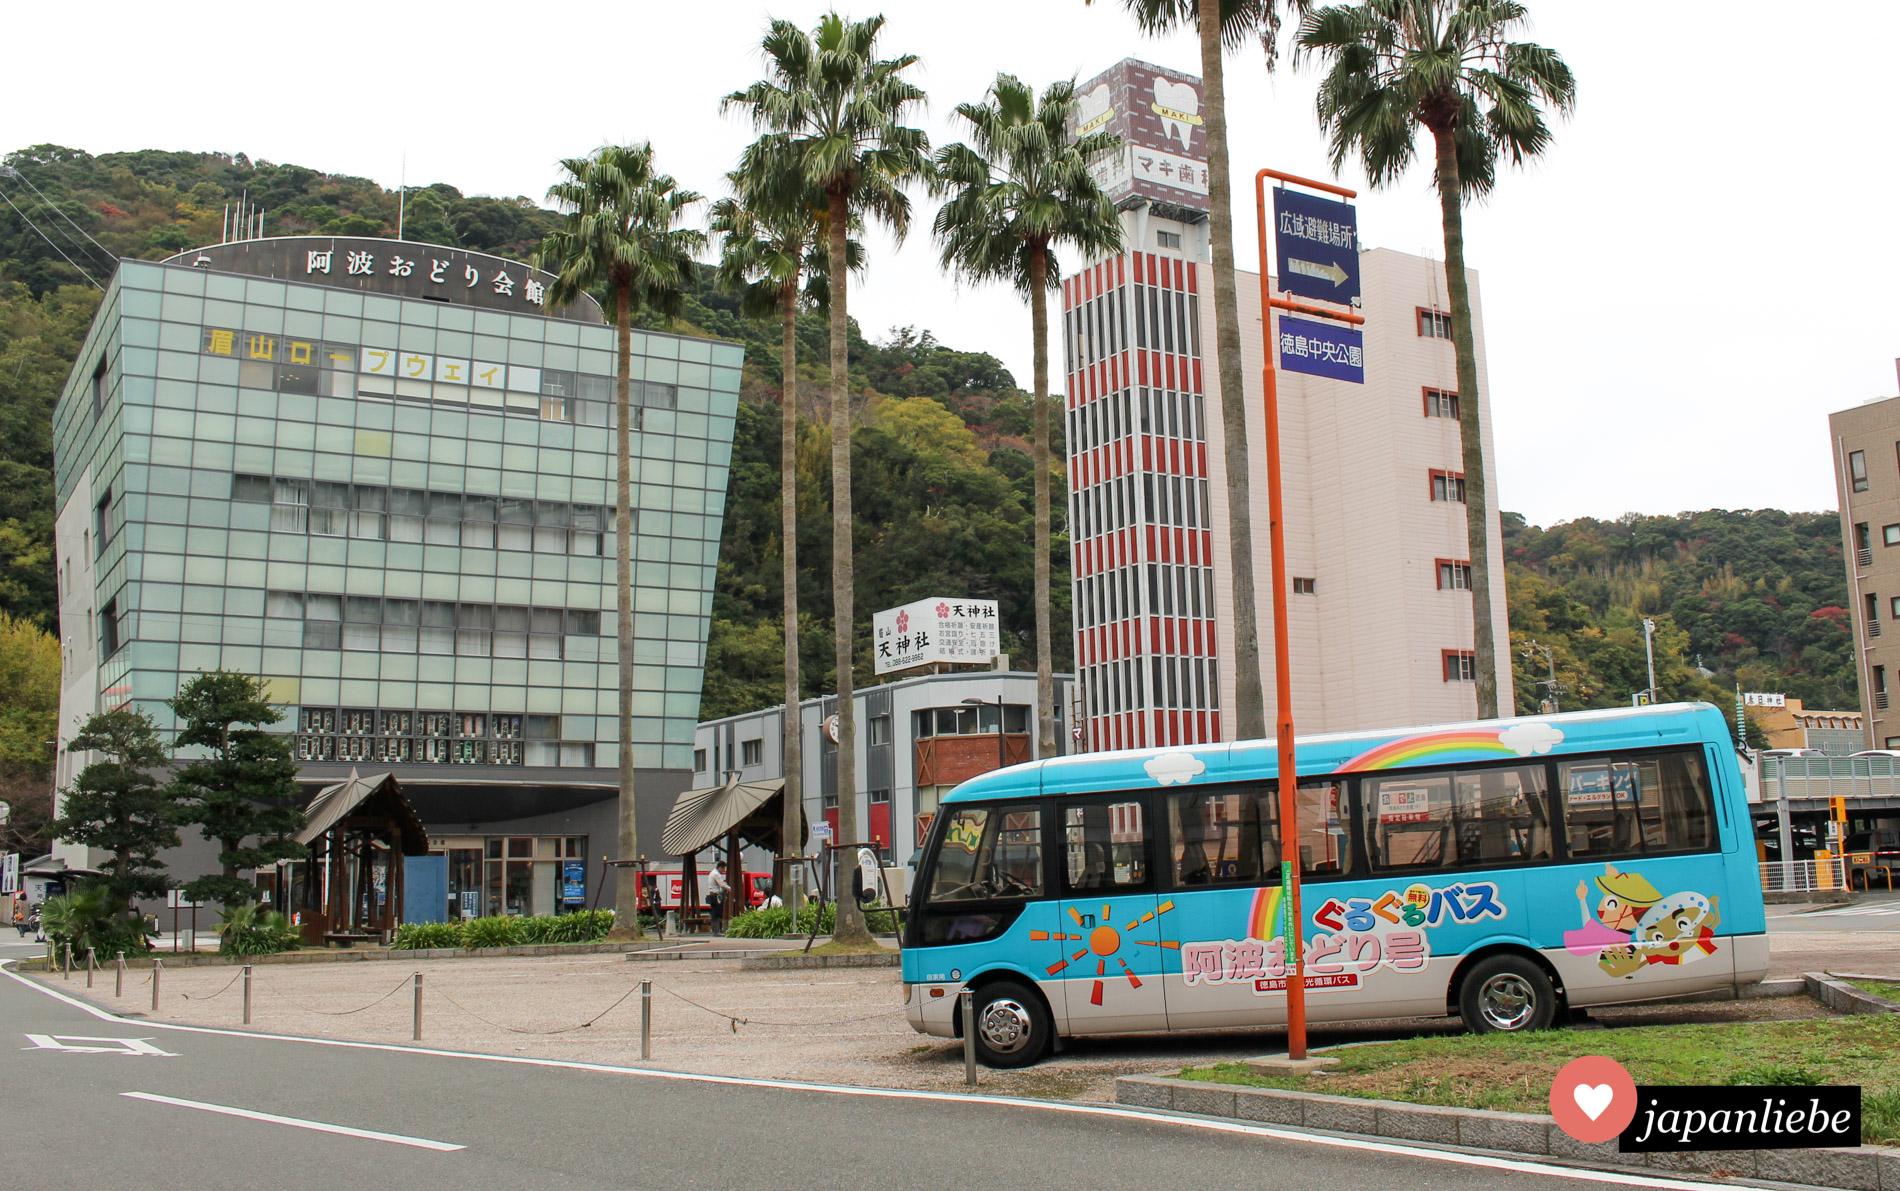 Toskushima ist berühmt für den lustigen Awa-Odori-Tanz. Vor dem entsprechenden Museum ist natürlich auch der Bus mit dem passenden Design verziert.